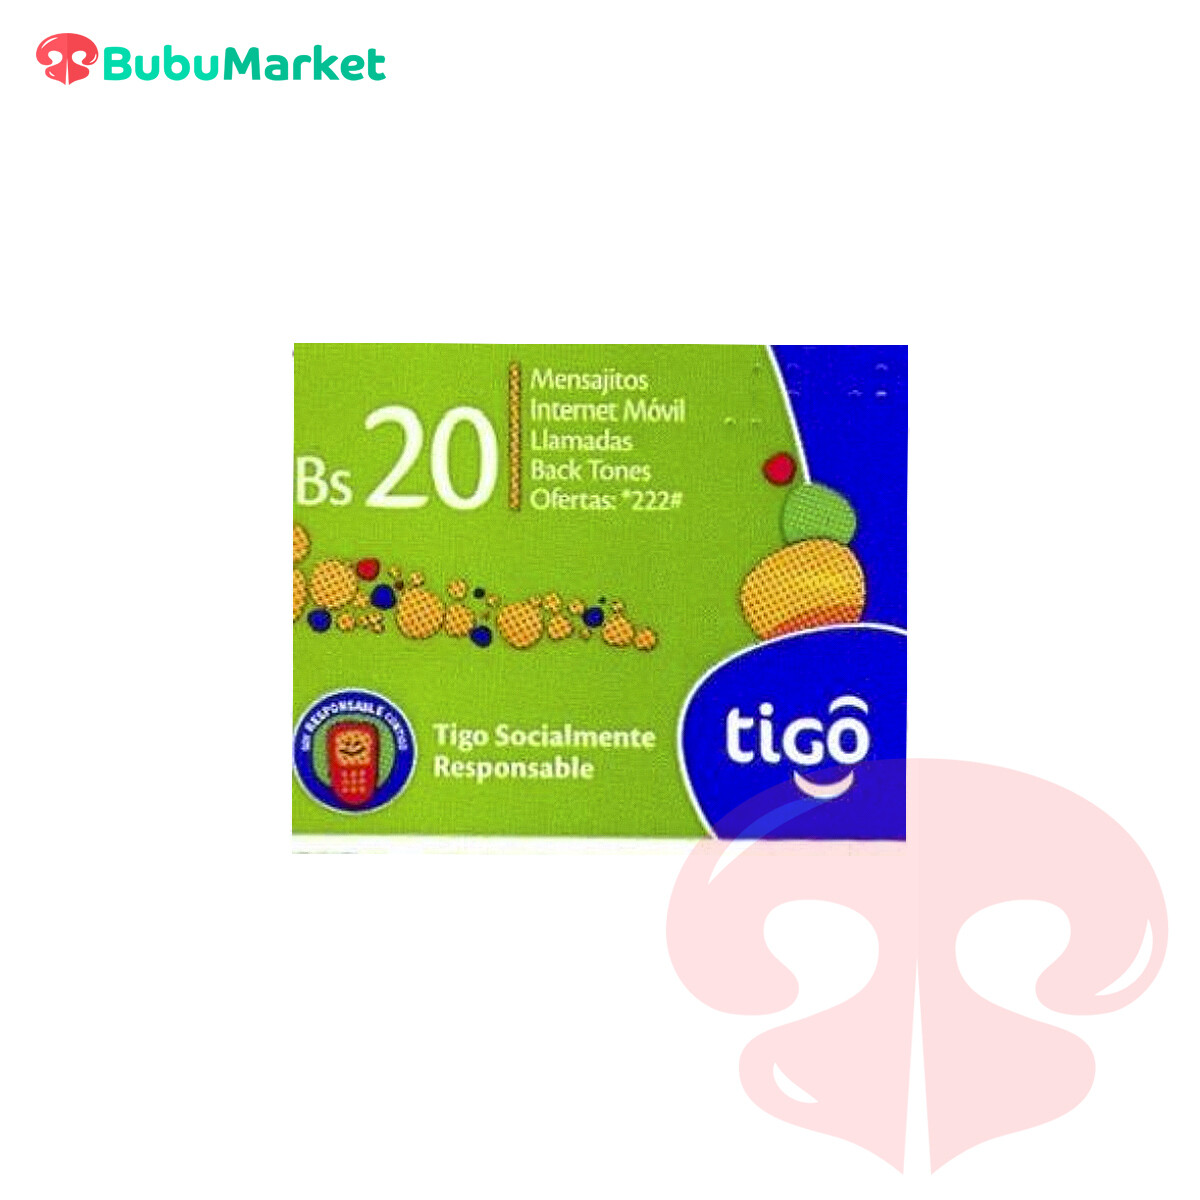 TARJETA TIGO DE Bs. 20.-